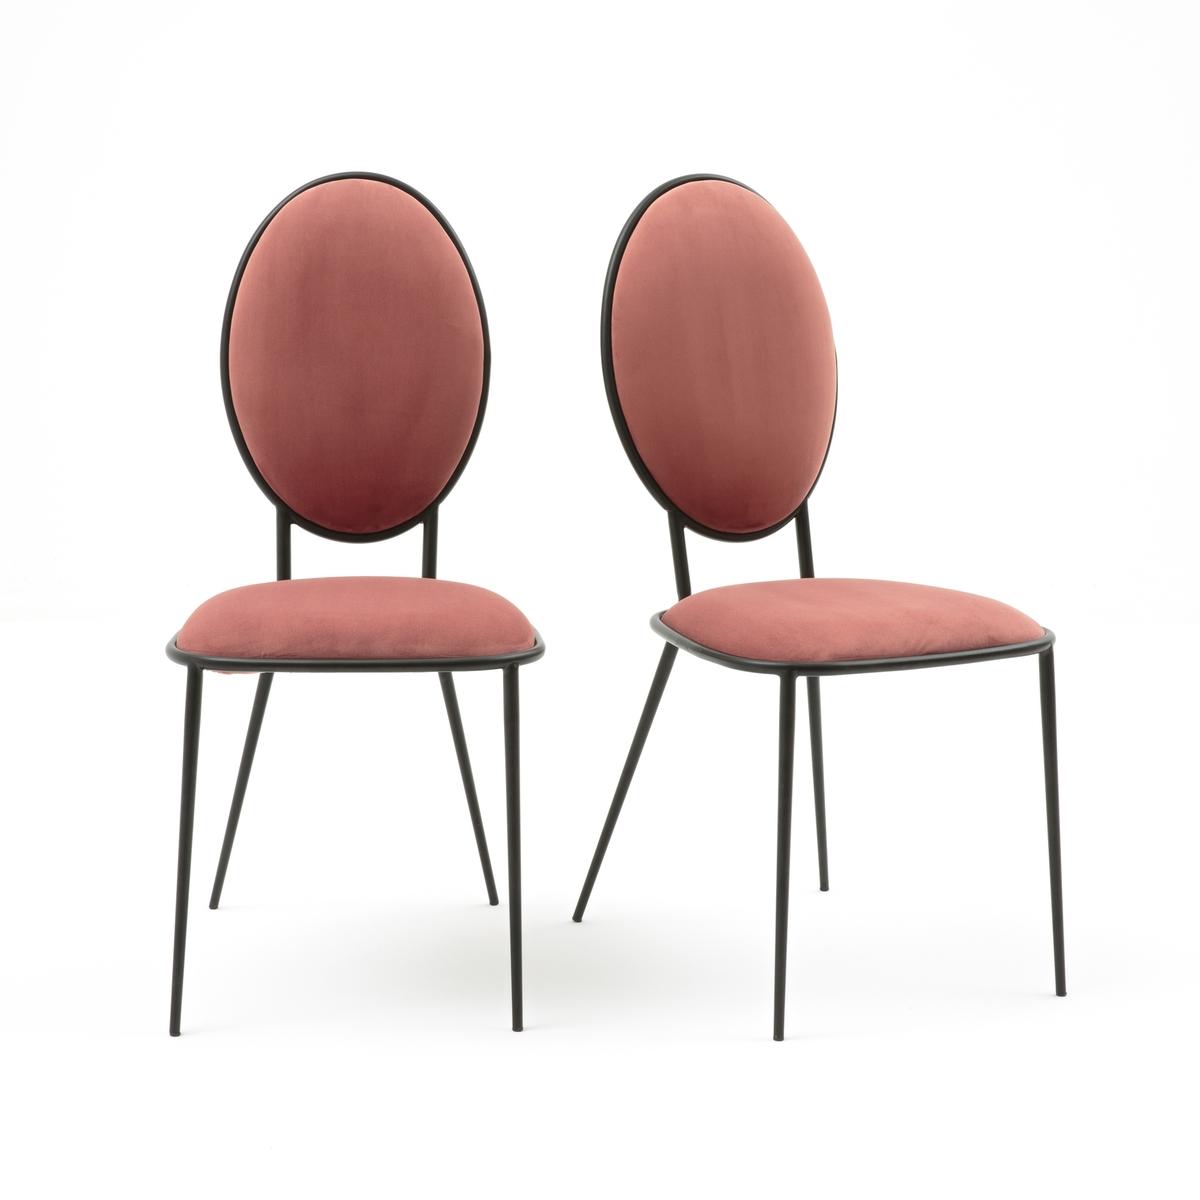 Confezione da 2 sedie a medaglione in metallo e velluto, NOVANI